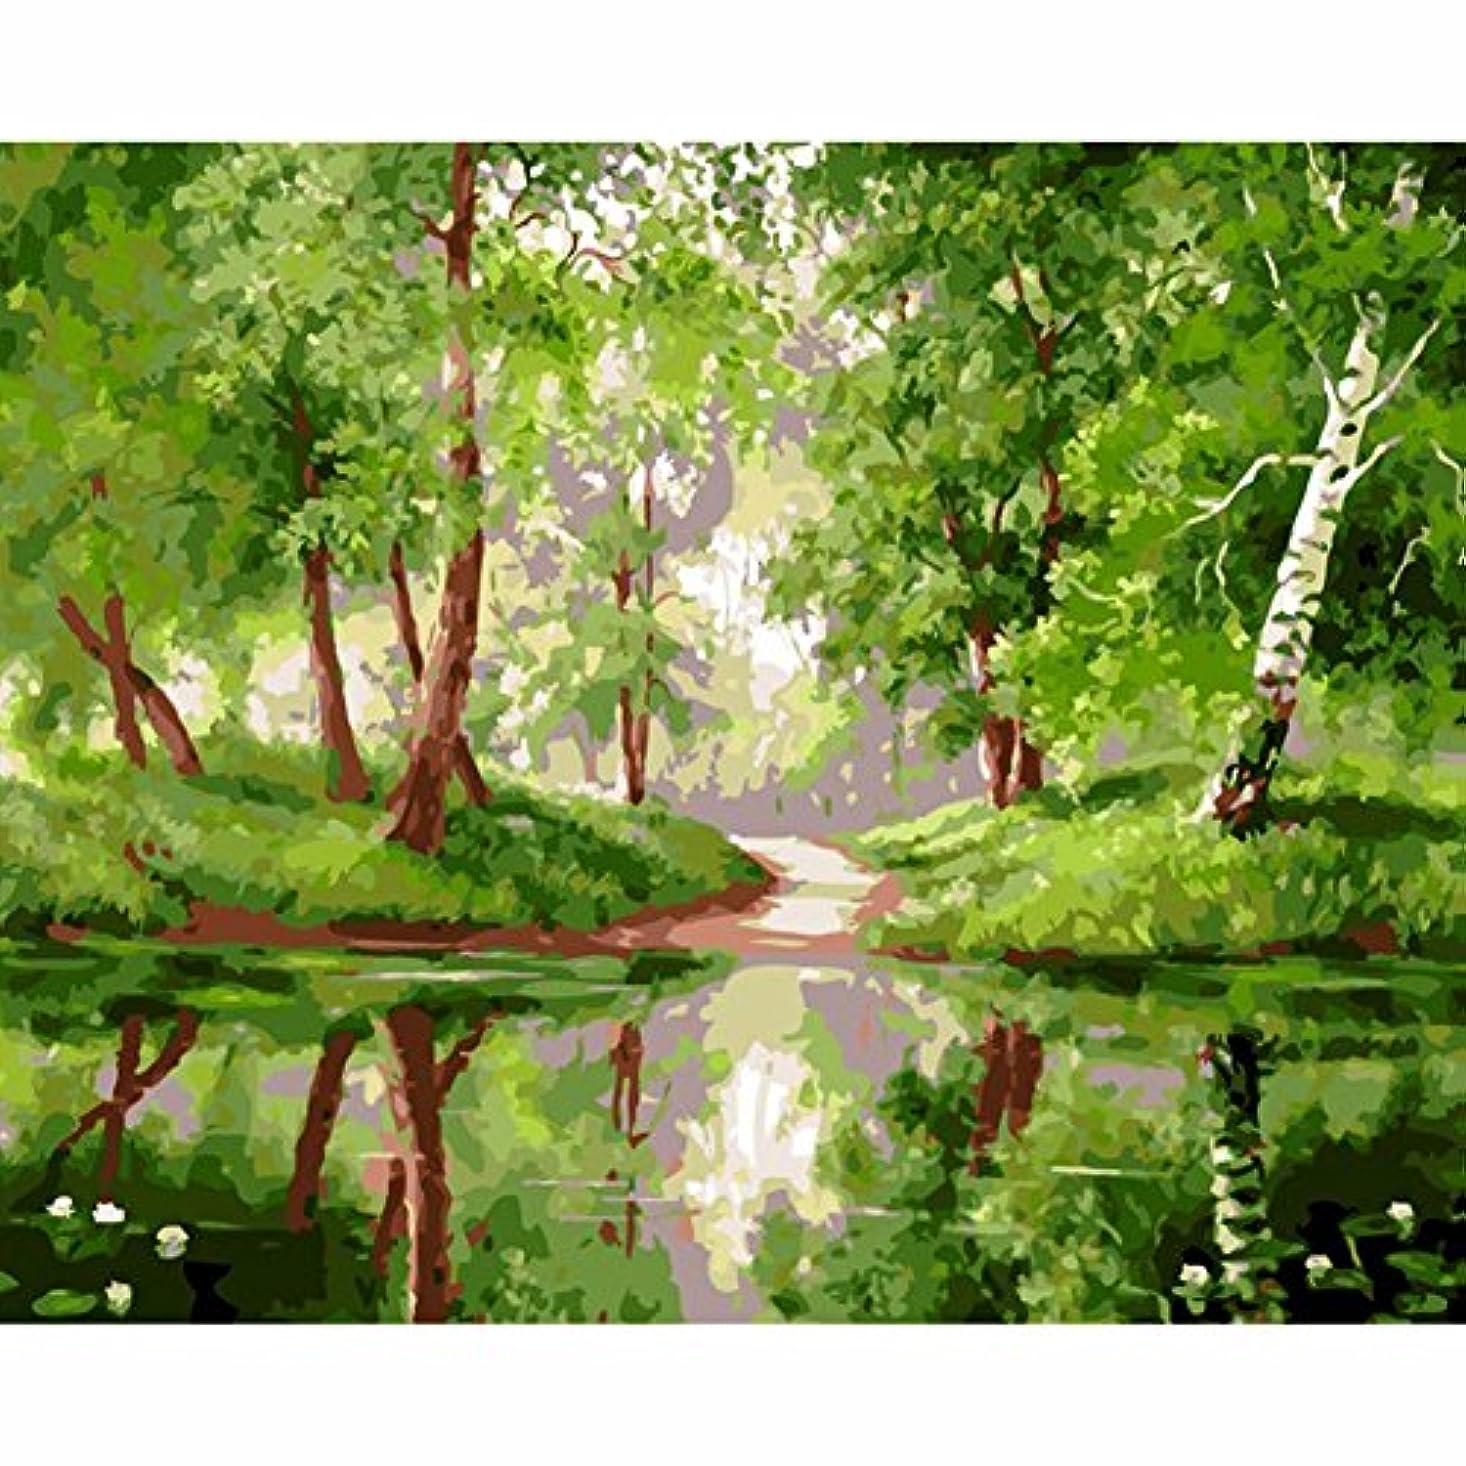 俳句ひねり司書LovetheFamily 数字油絵 数字キット塗り絵 手塗り DIY絵 デジタル油絵 青い森の反射 40x50 cm ホーム オフィス装飾